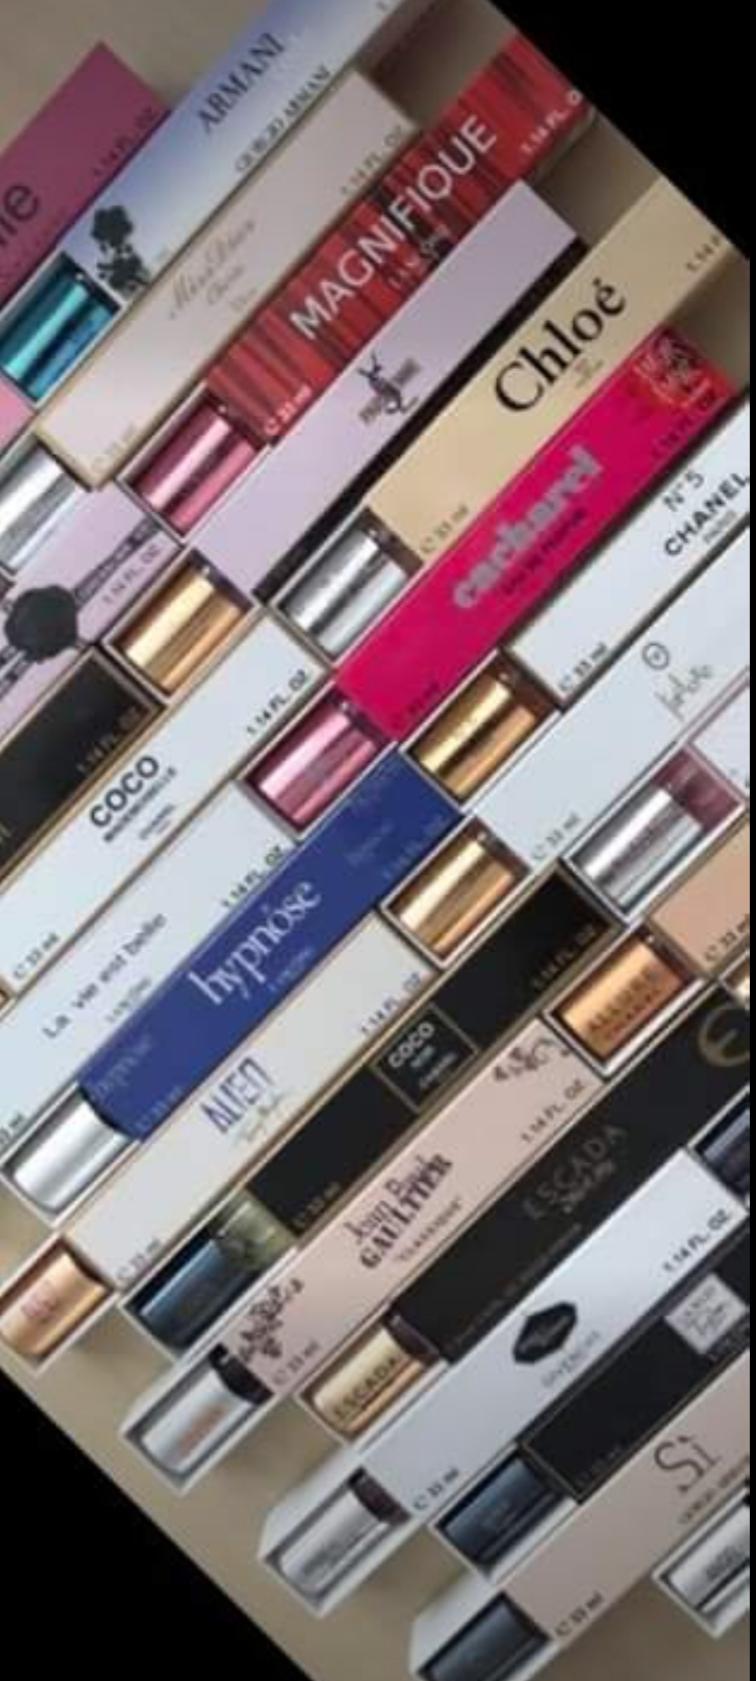 Parfum 33ml Faites Noisy Le OccasionAnnonce Vente À Sec Achetez eCWrxodB